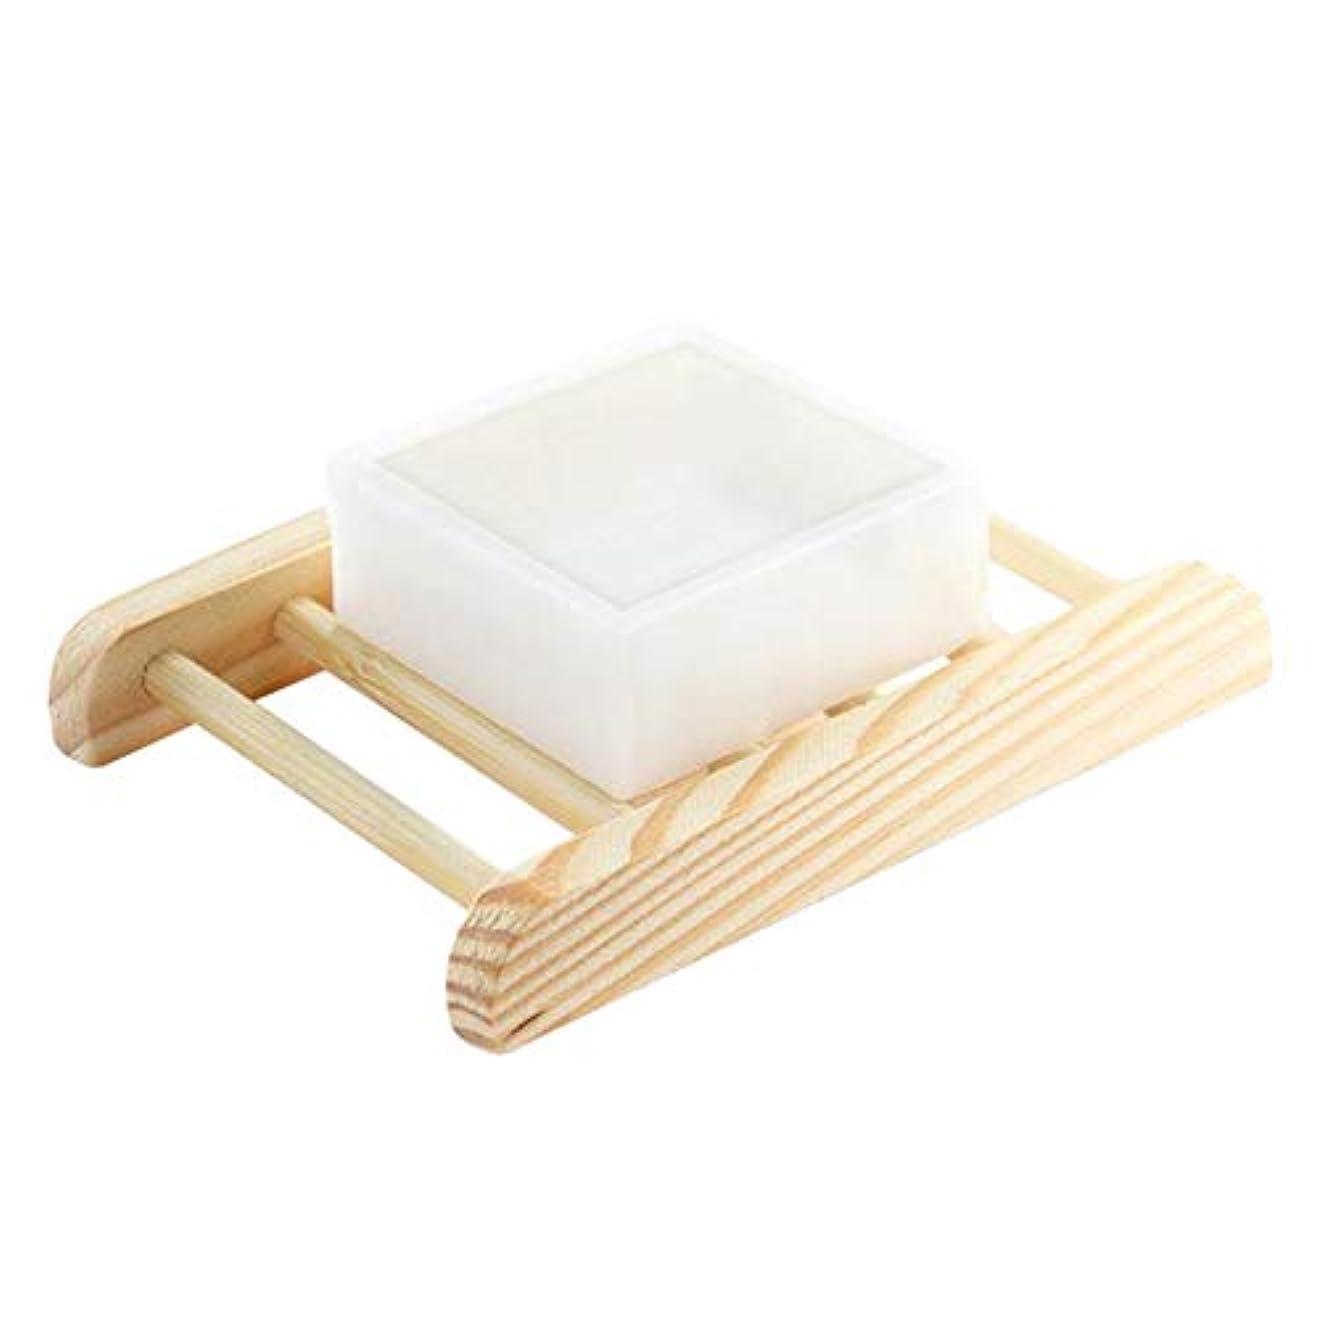 ゲージアーサー称賛Kaddima ハンドメイド石鹸発酵ボディネックアームのホワイトニングホワイトニングソープ